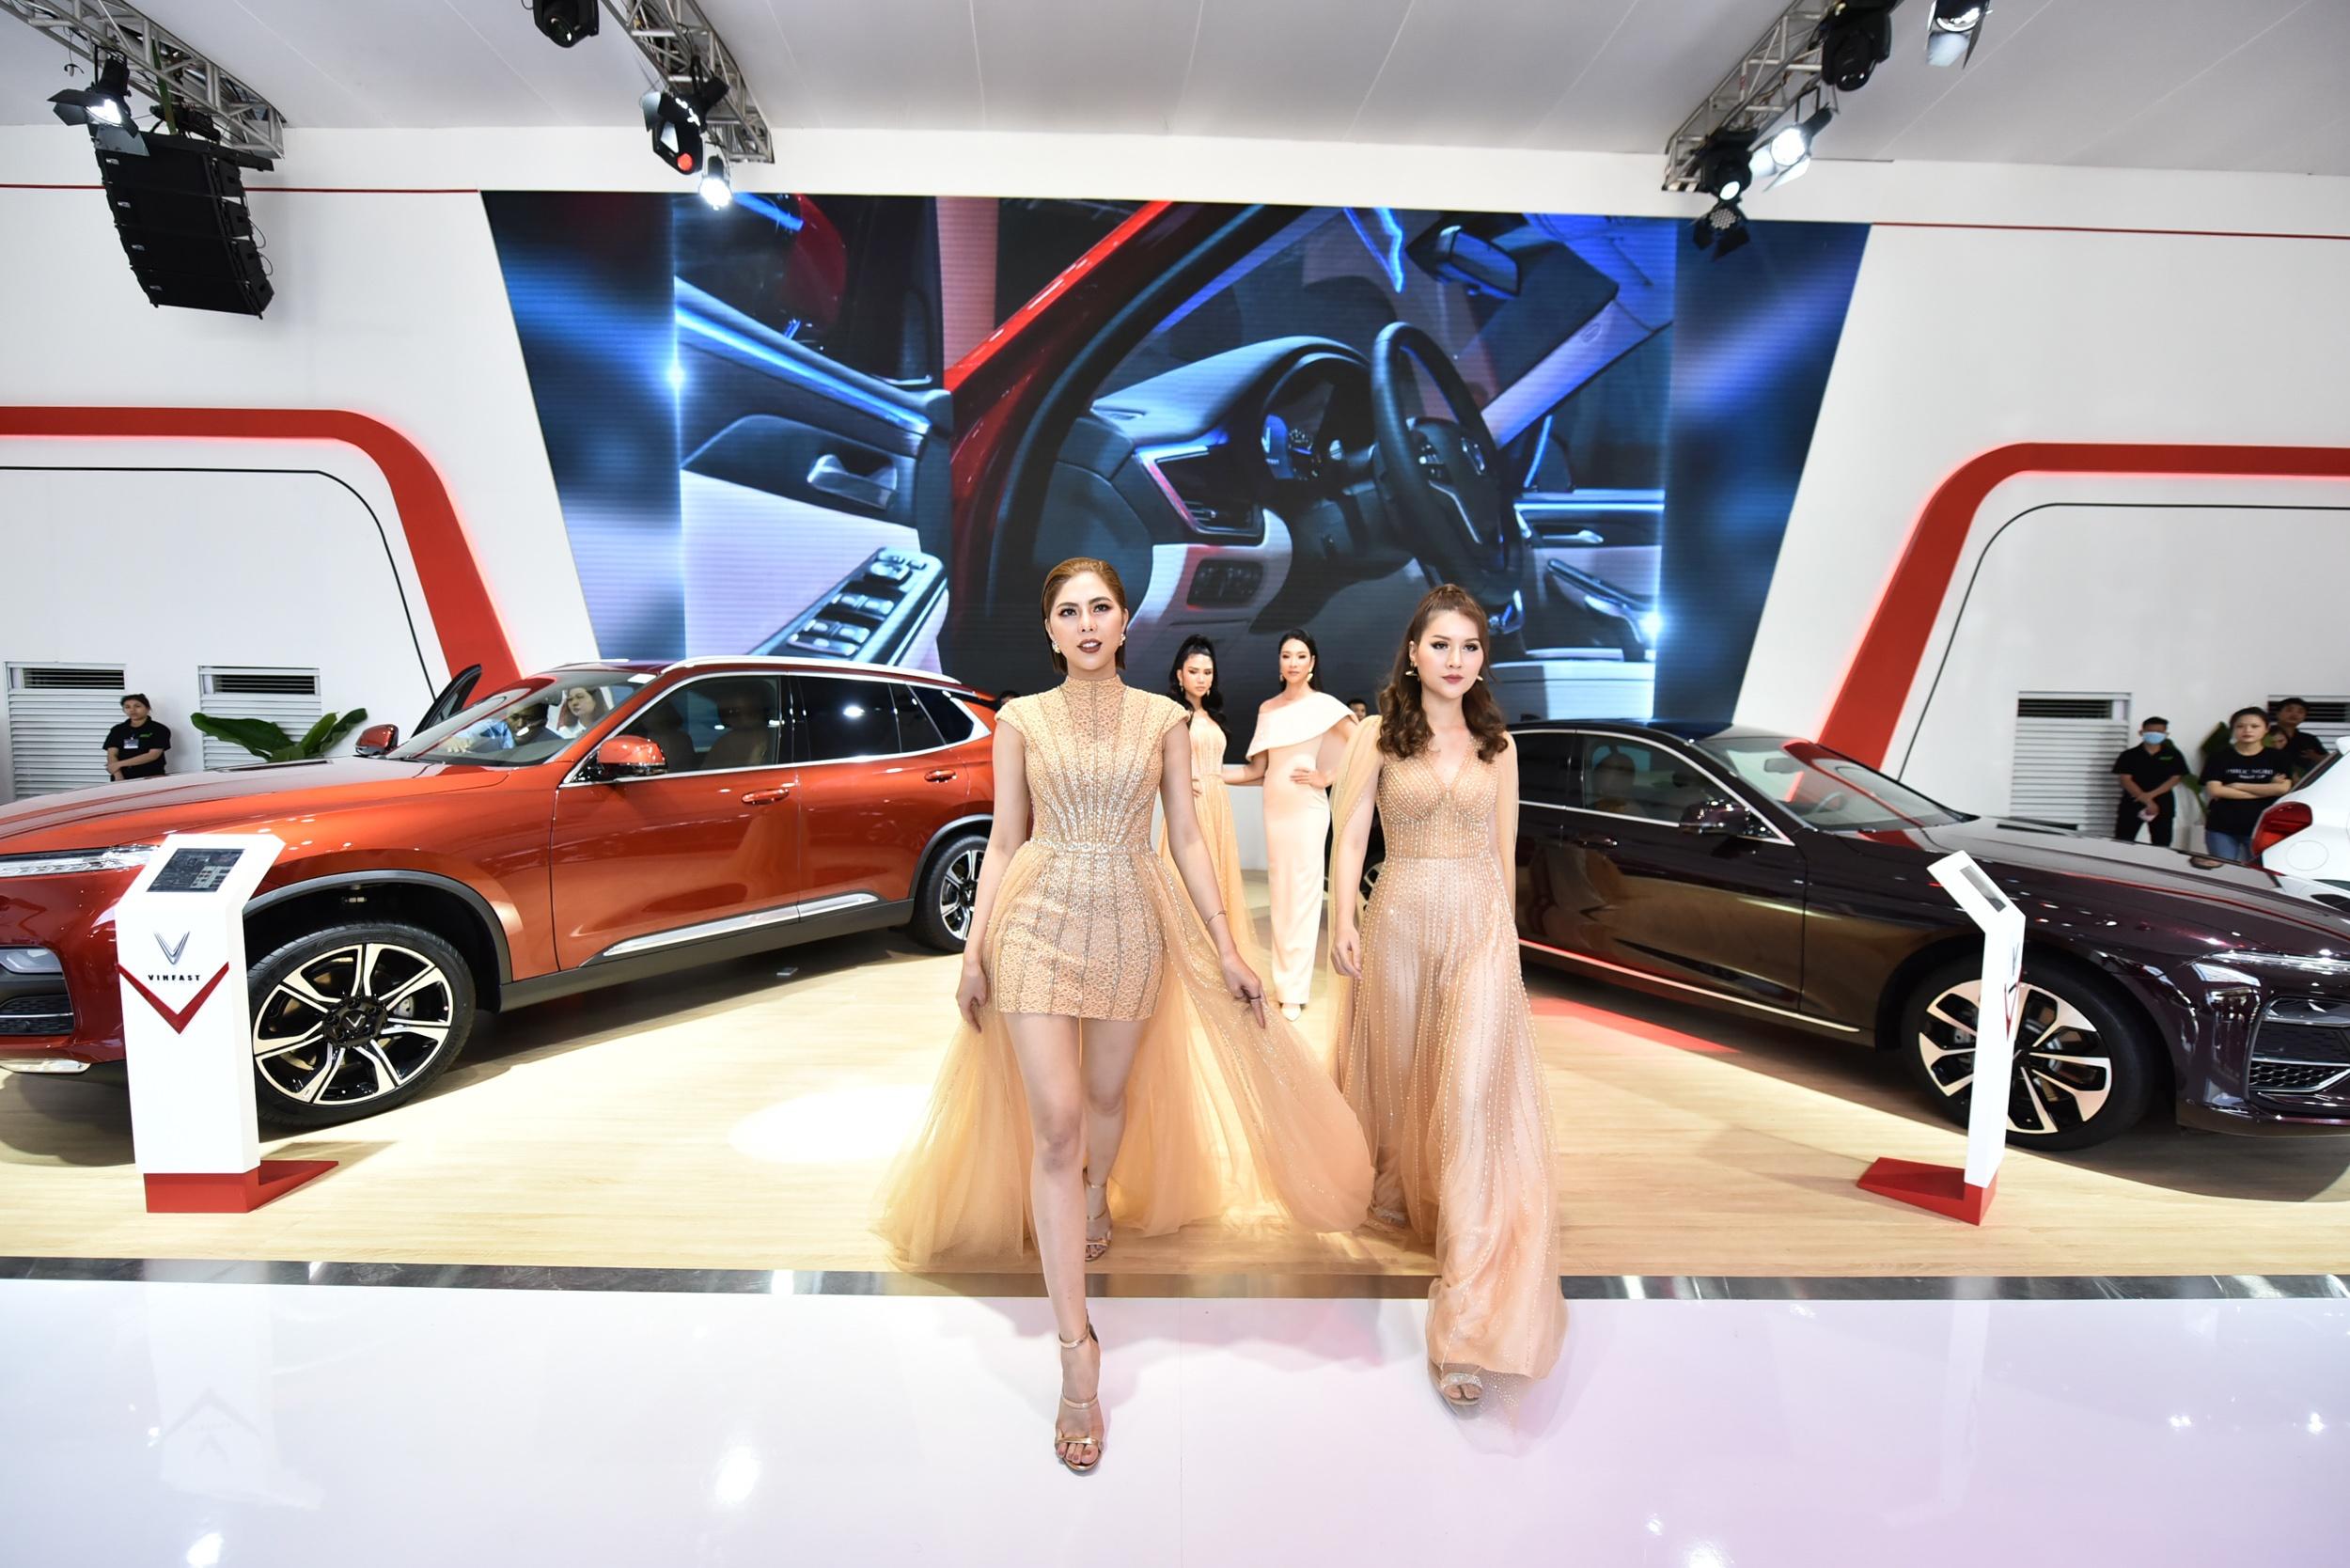 Mot nam ky tich cua VinFast tu Paris Motor Show 2018 den VMS 2019 hinh anh 49